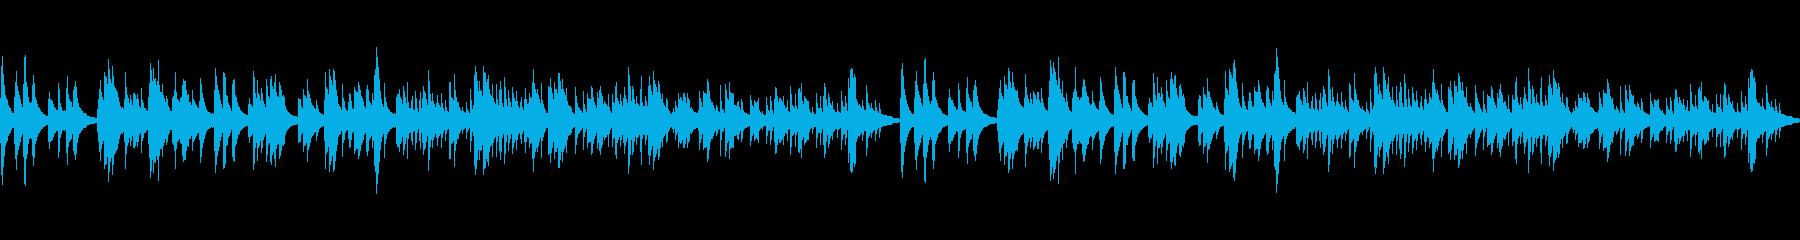 うっとりするノスタルジックなギターソロの再生済みの波形